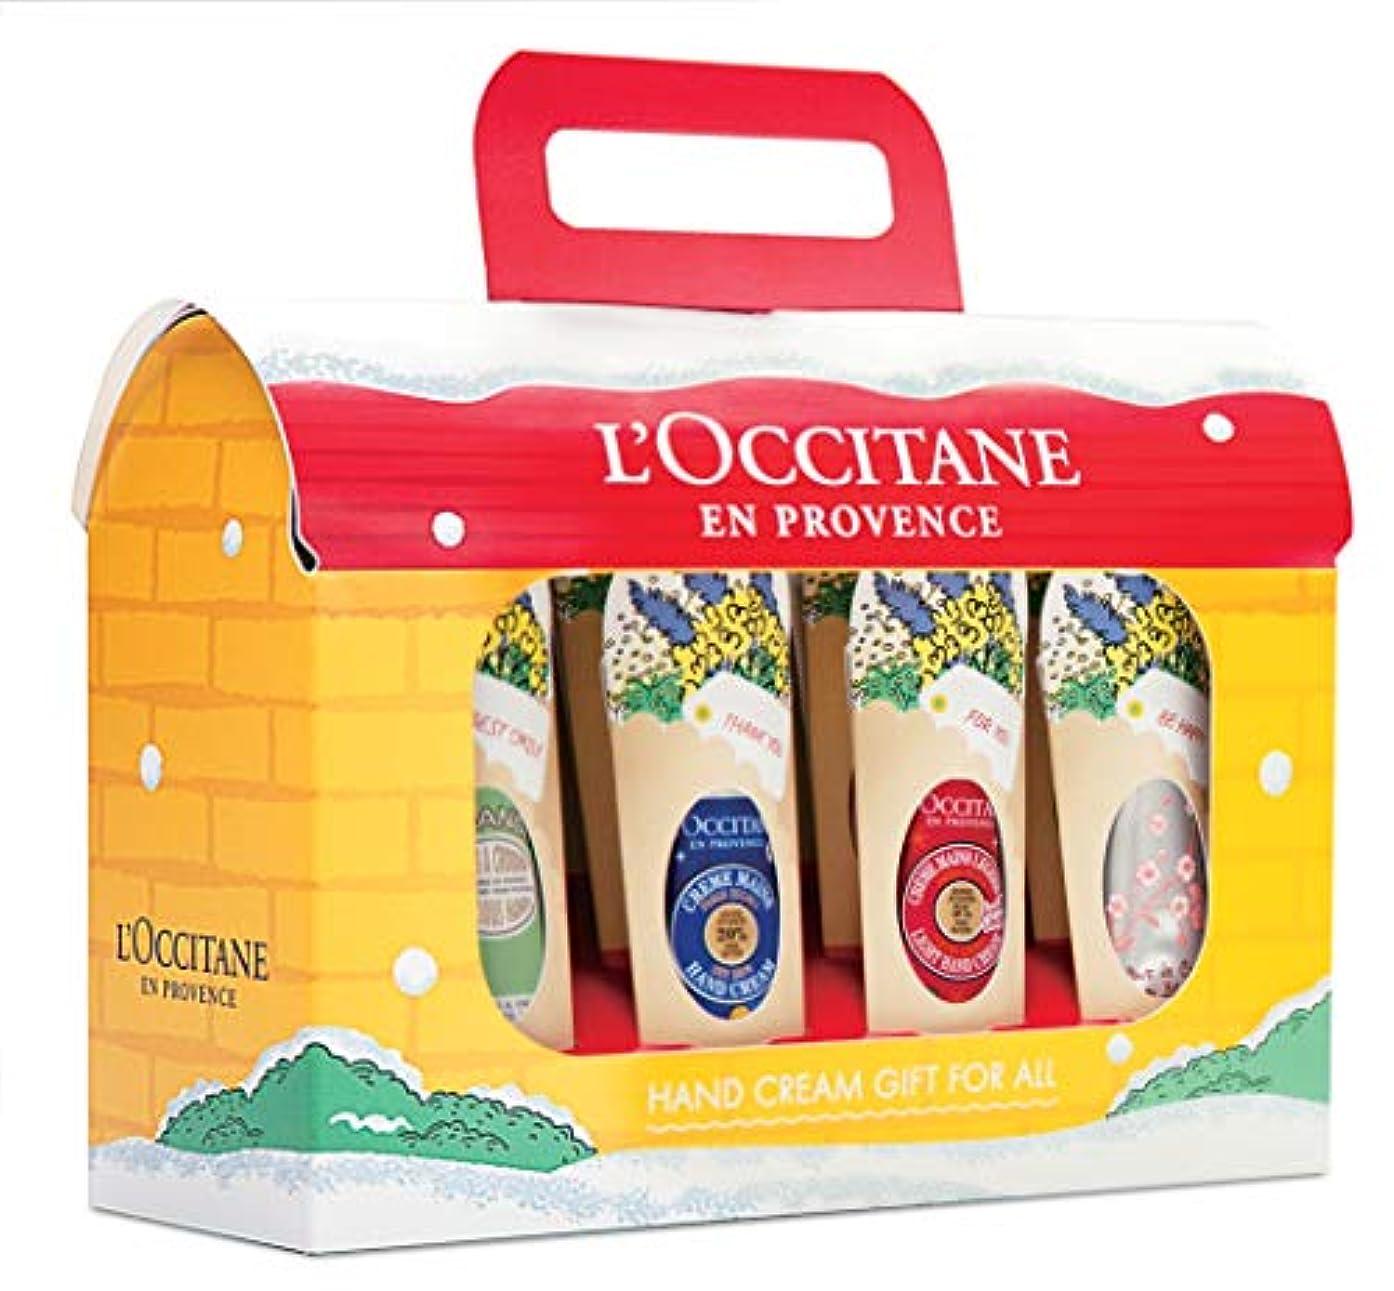 退屈させるなるの間でロクシタン(L'OCCITANE) ハンドクリーム GIFT FOR ALL(ハンドクリーム 10ml×12個) セット